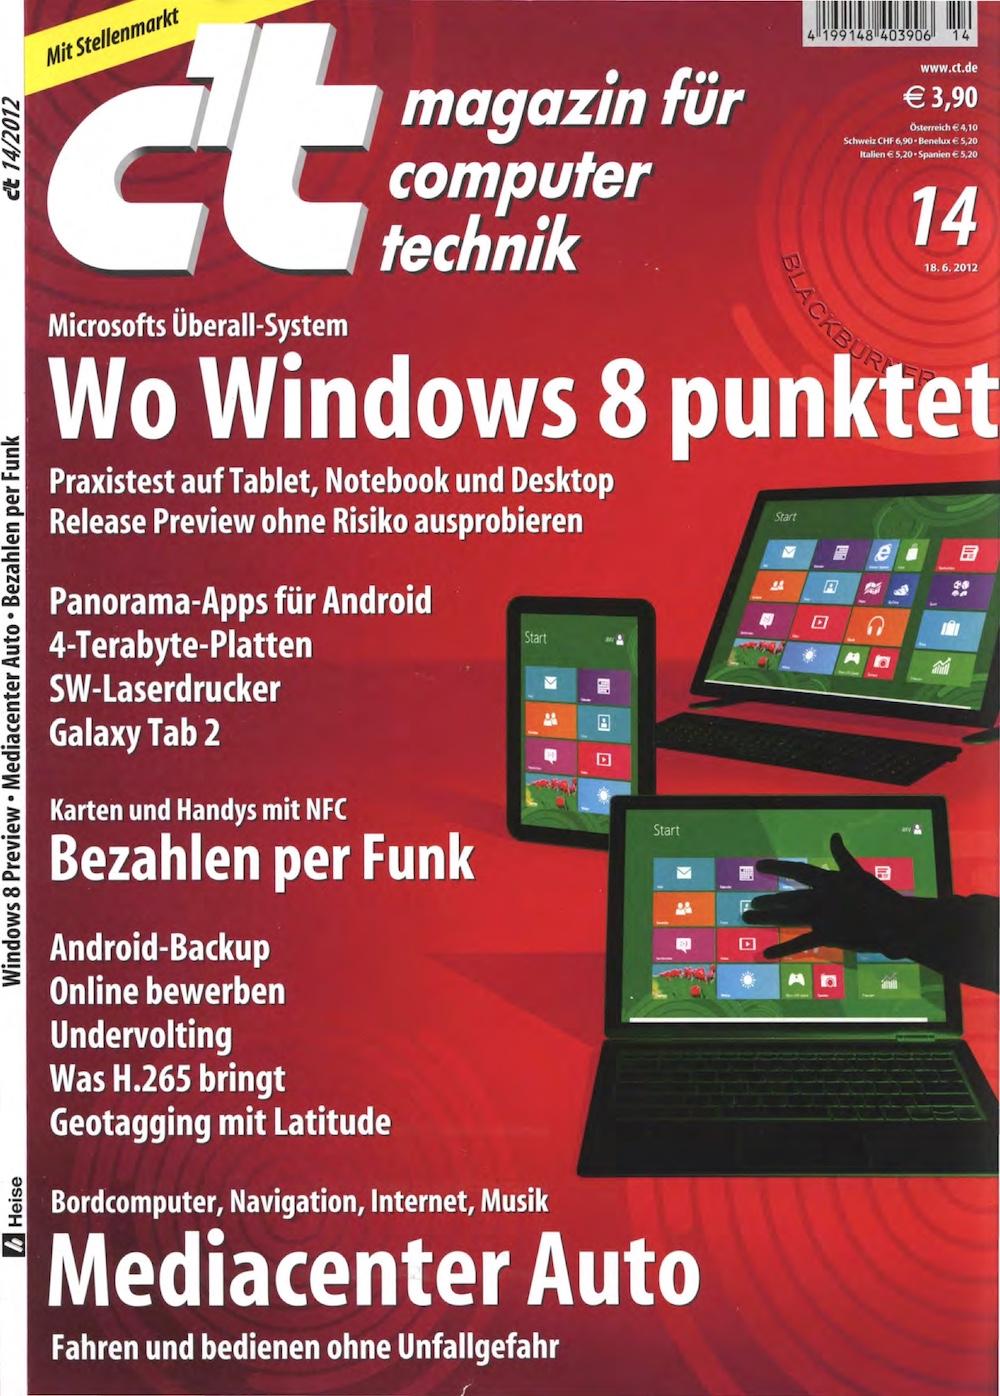 c't Magazin 2012-14